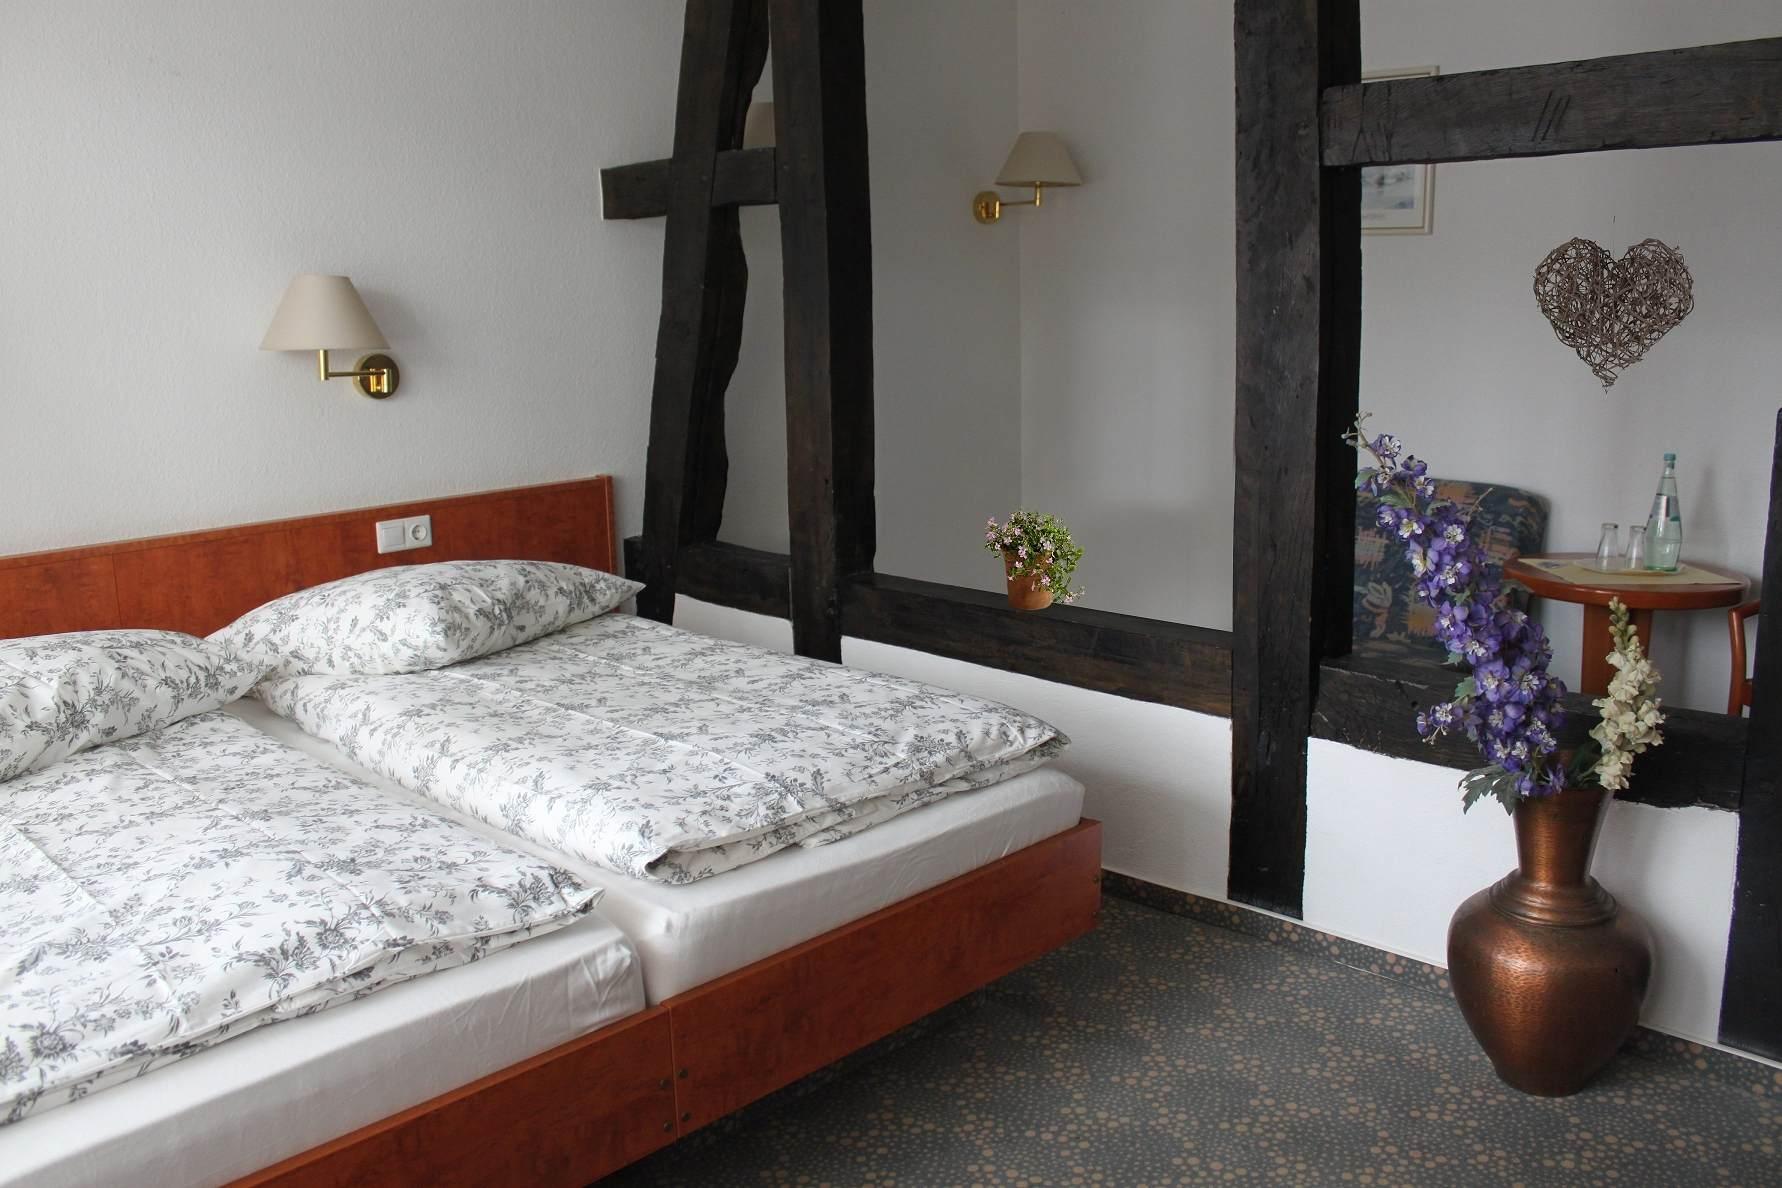 Doppelzimmer mit Balken in Bad Sassendorf